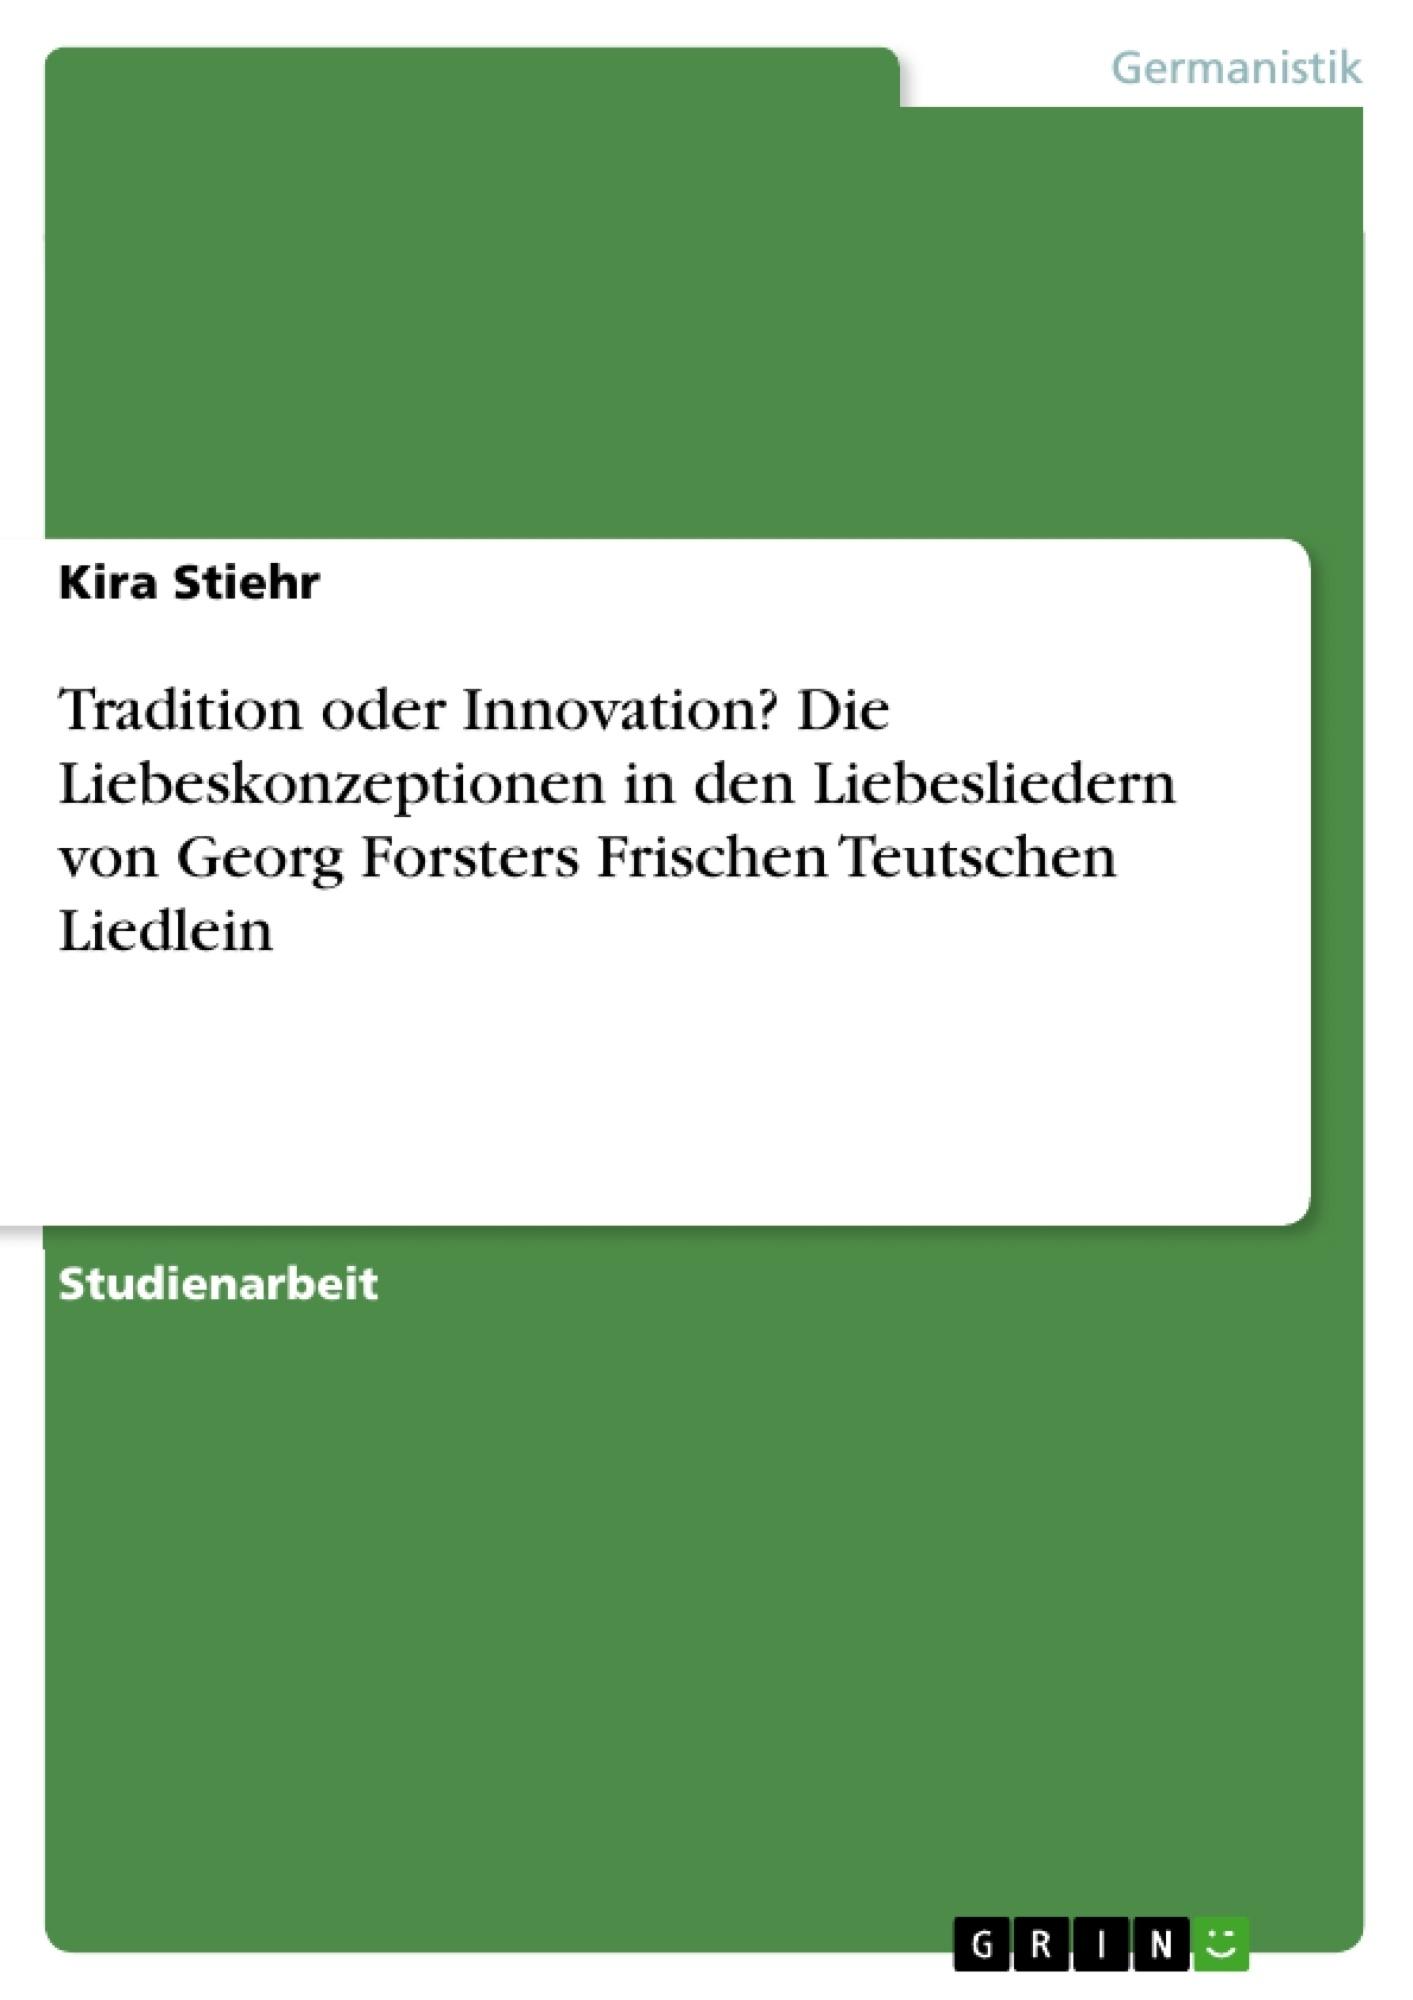 Titel: Tradition oder Innovation? Die Liebeskonzeptionen in den Liebesliedern von Georg Forsters Frischen Teutschen Liedlein